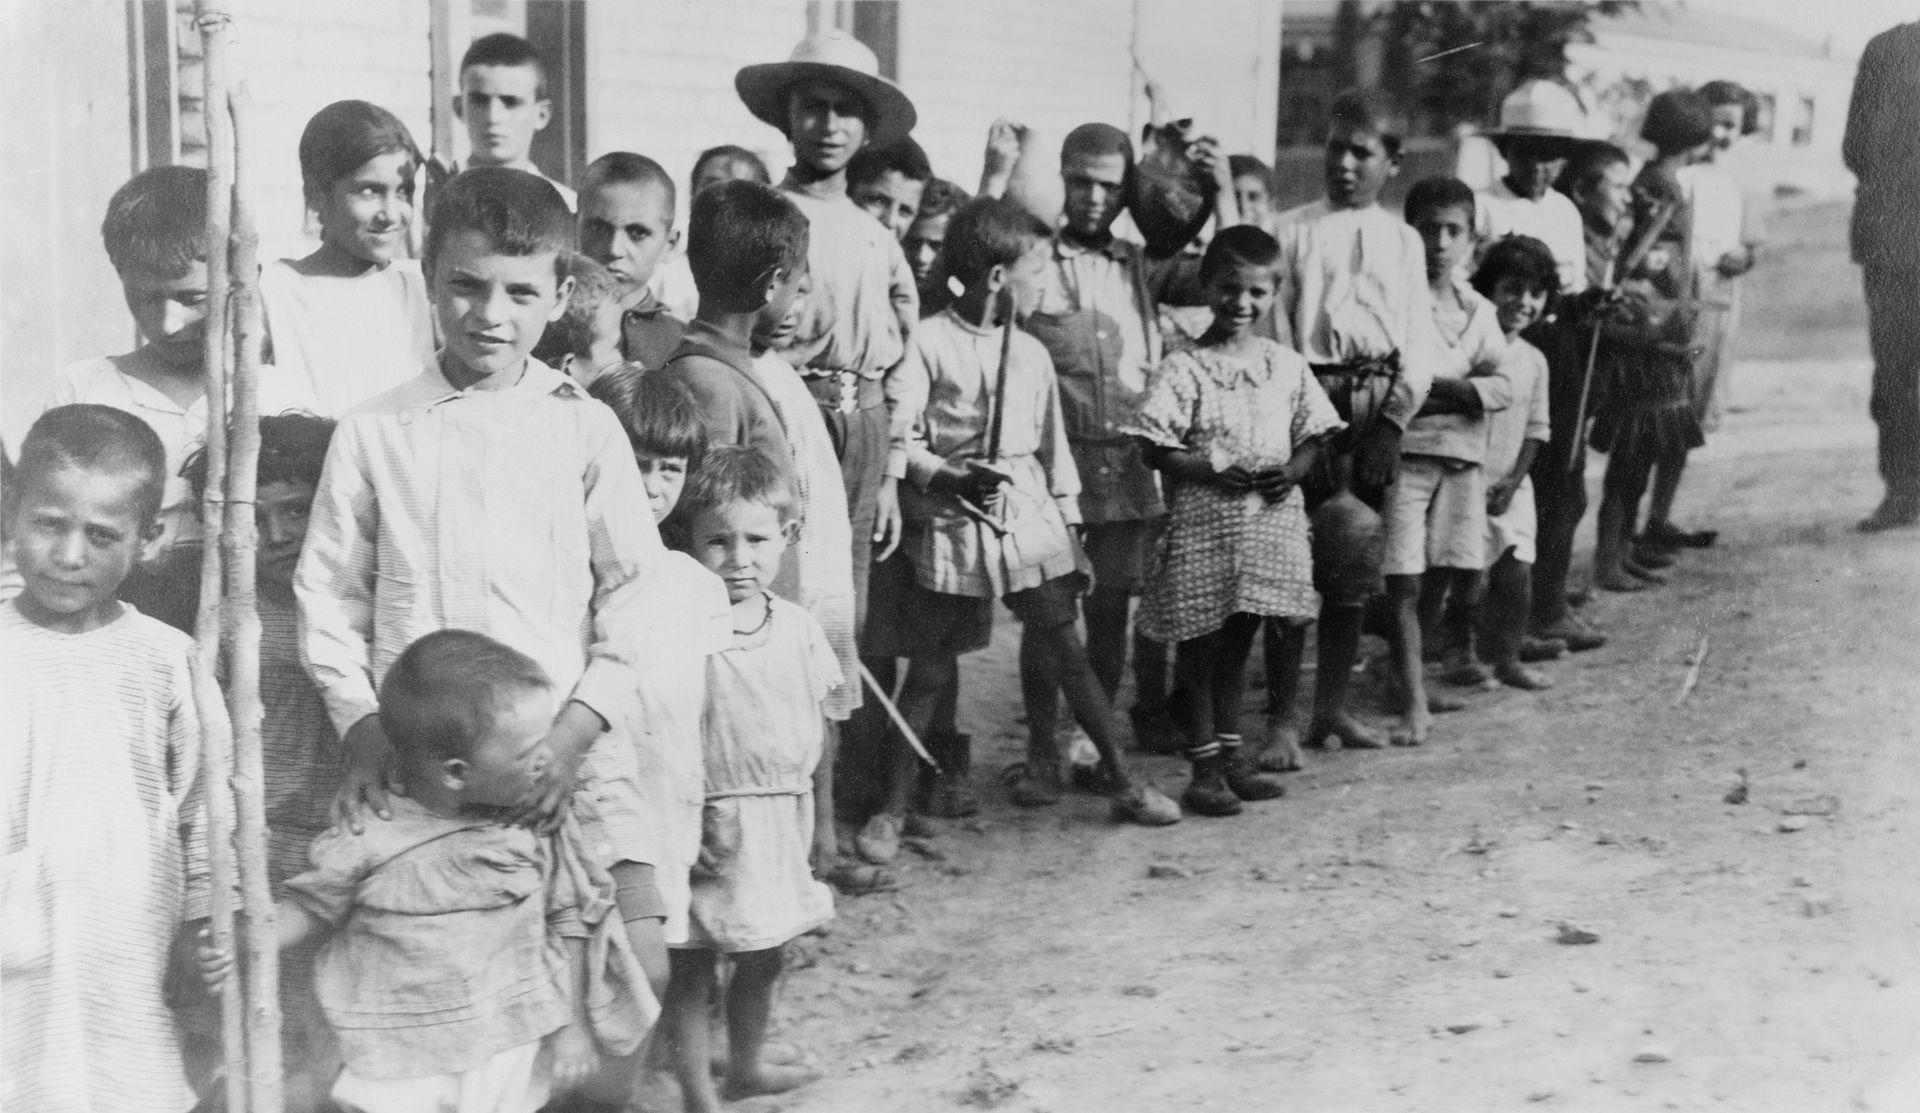 أطفال أرمن لاجئون بالقرب من أثينا عام 1923 بعد تبادل السكان بين اليونان وتركيا (وكيميديا)